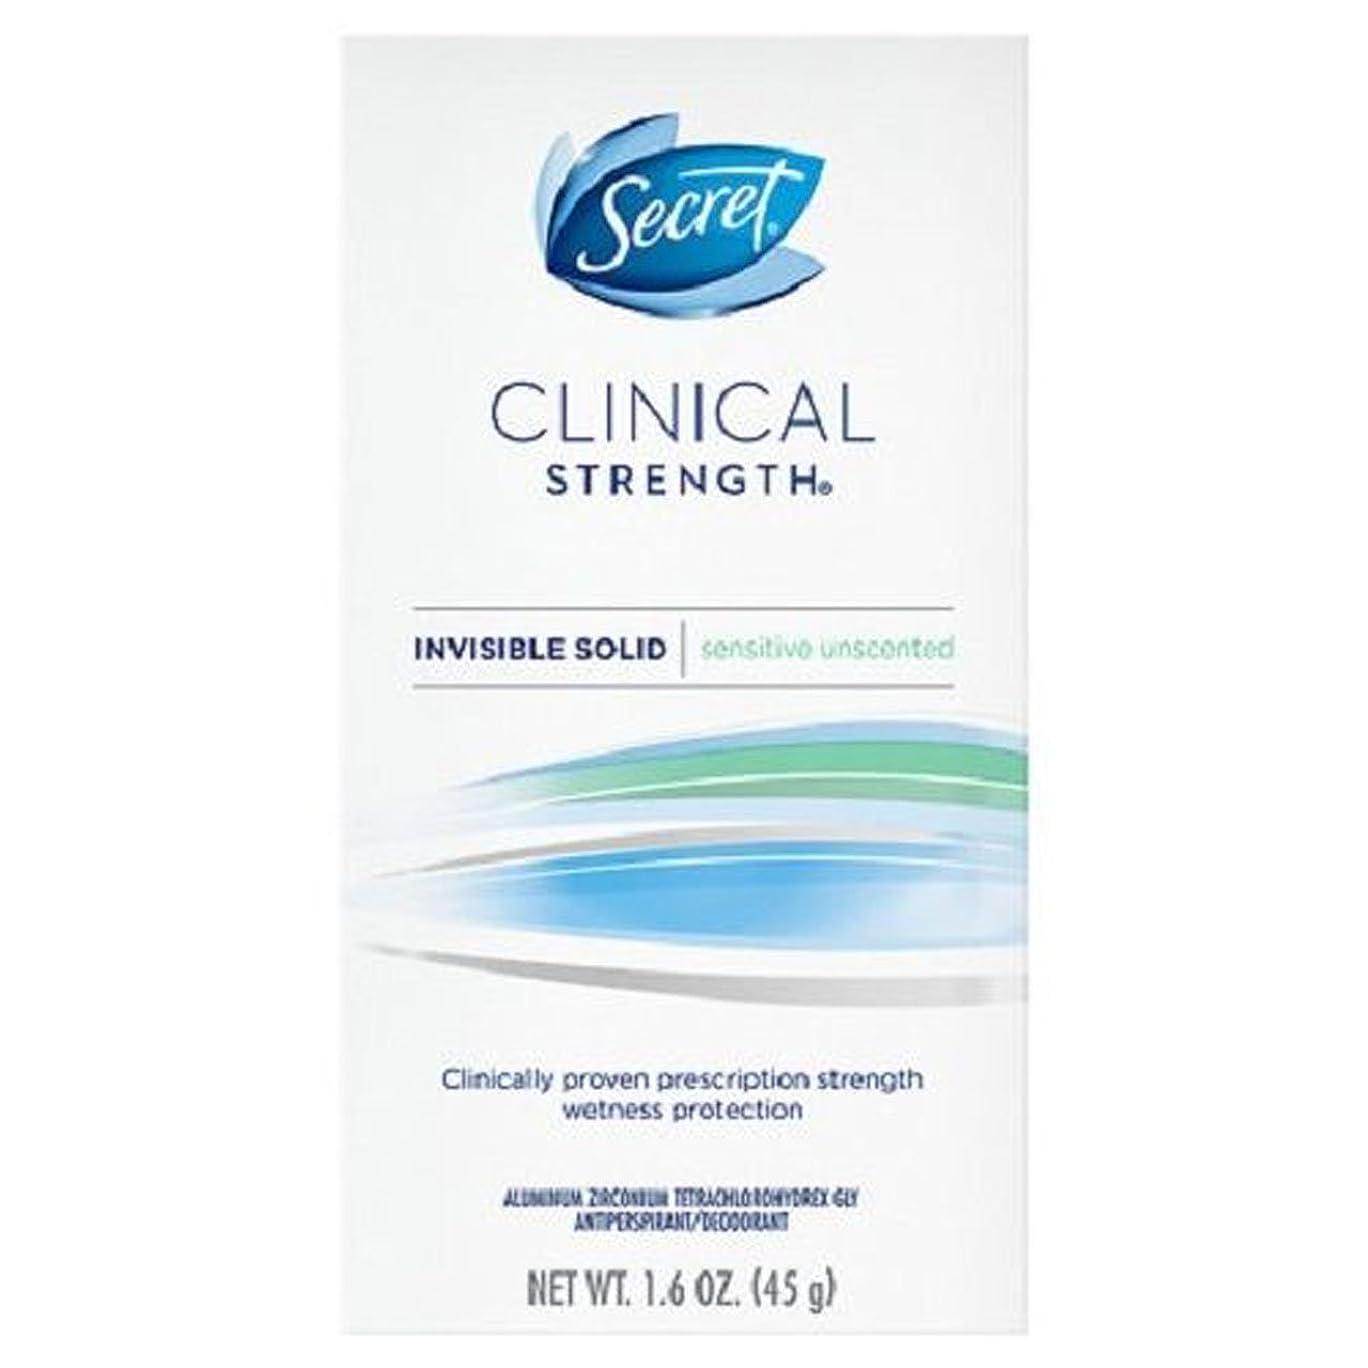 合理的清める腐敗したSecret/シークレット クリニカル Clinical Strength デオドラント, Invisible Solid,1.6oz/45g(並行輸入品) (無香料)